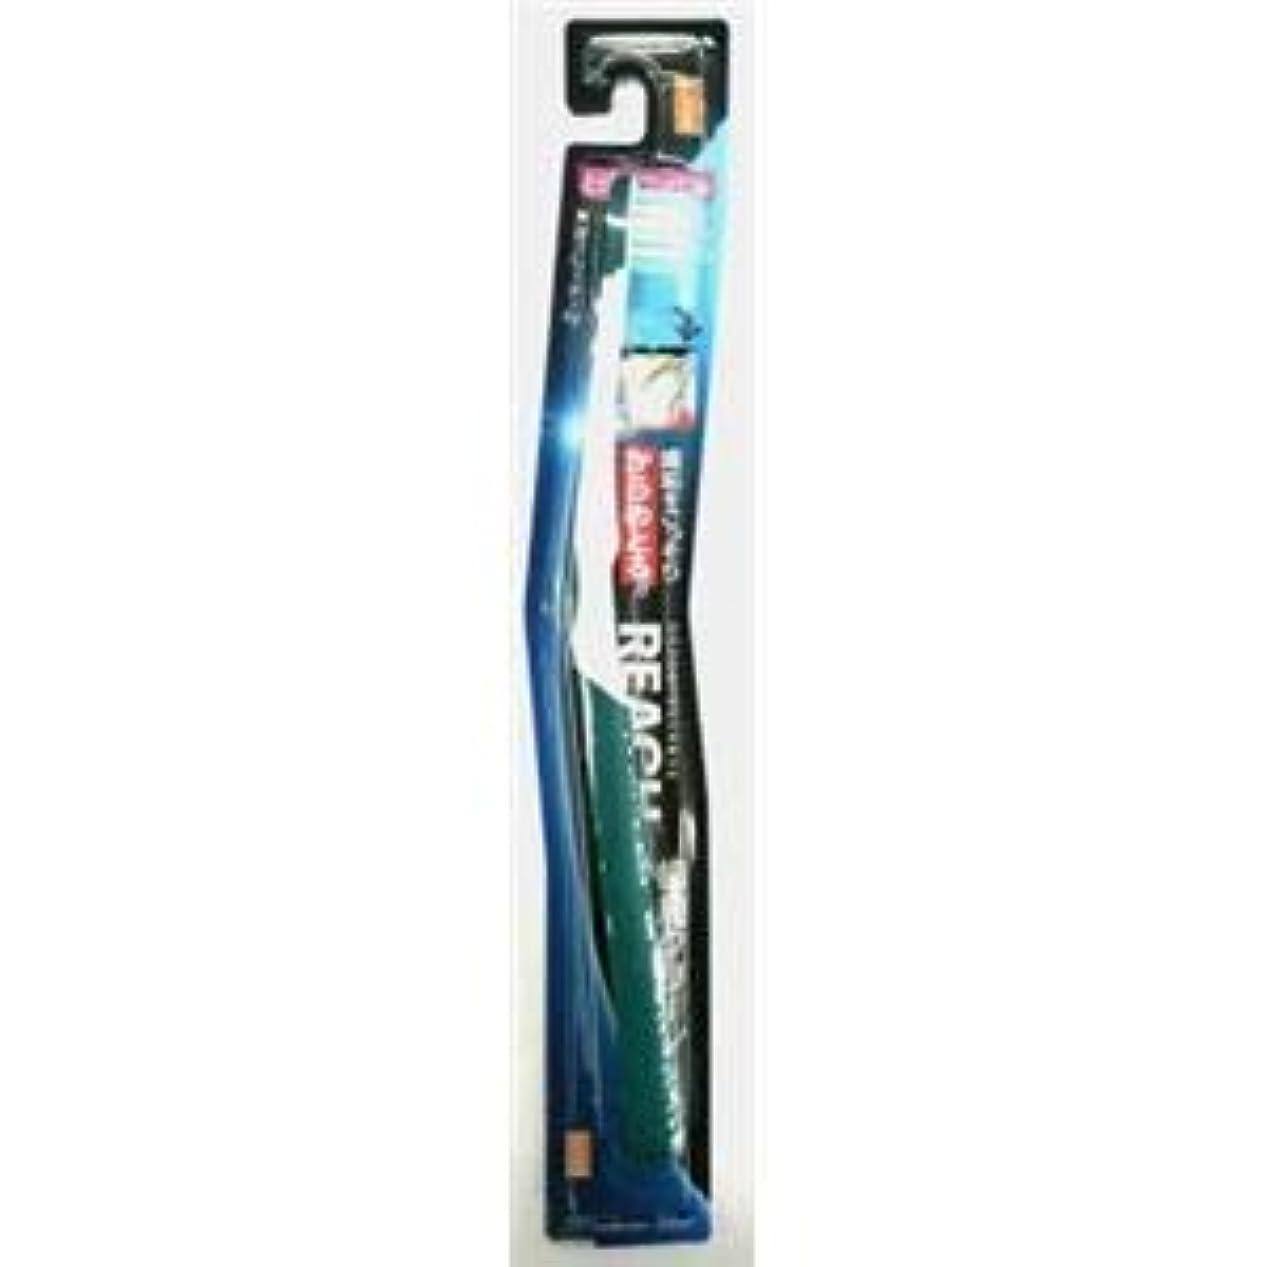 フォーカス心配クラッチ(まとめ)銀座ステファニー リーチ歯ブラシ リーチ 歯周クリーン とってもコンパクト やわらかめ 【×12点セット】